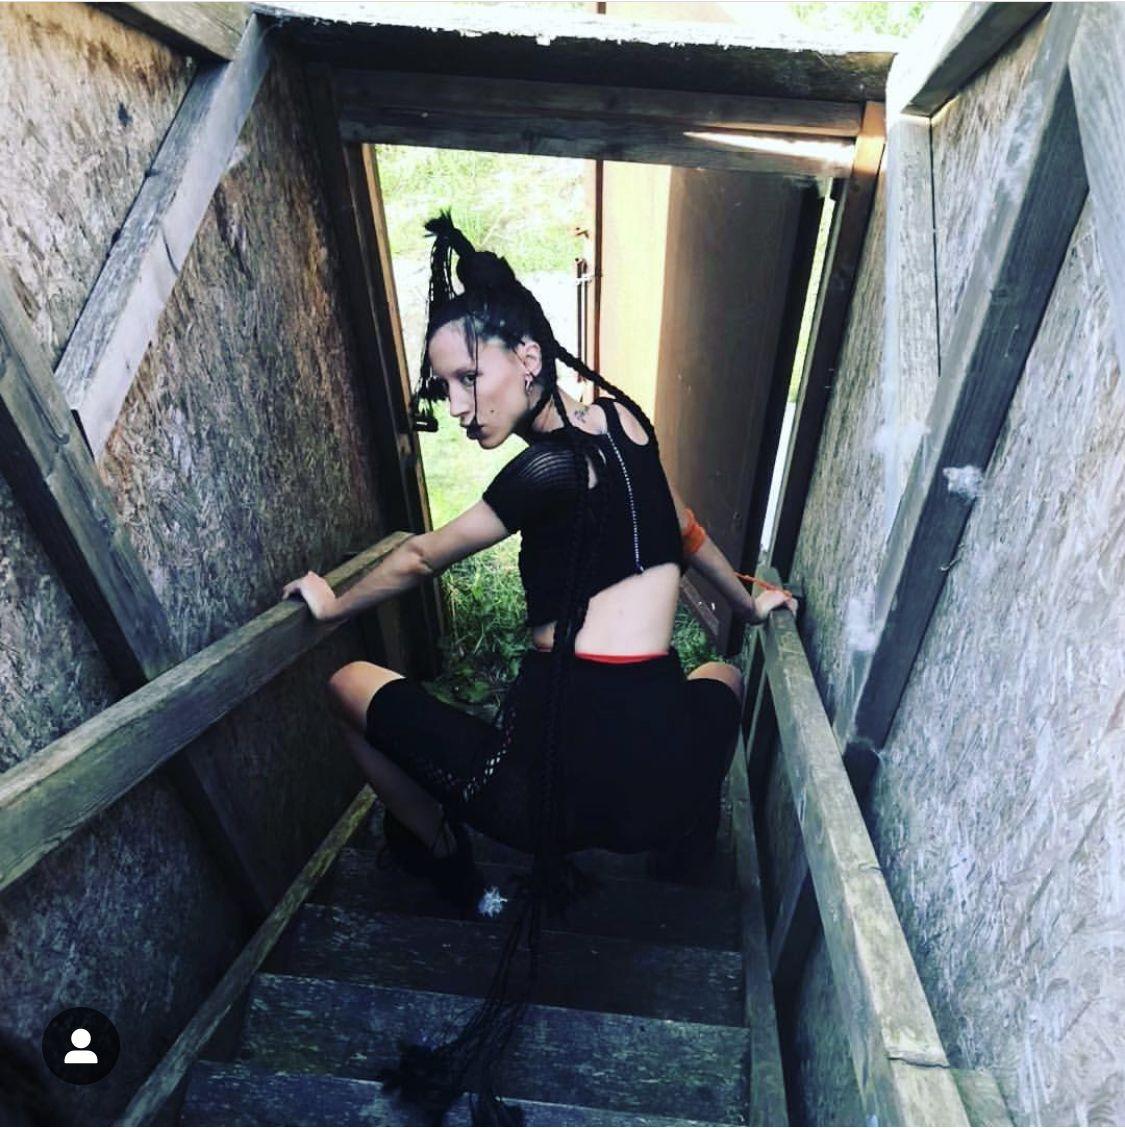 photo @lestreetedit model @besatafari  Showpiece- matalic and lycra hoody #voft #voft_knit #valeriyaolkhova #knitwear #texture #textiles #webs #unique #unconventional #concetdesign #conceptfashion #slowfashion #handcraft #domesticmachine #whomadeyourclothes #madeincopenhagen #lycra #tshirt #leggings #avantgarde #bodycon #dark #underwear #red #hair #handplait #long